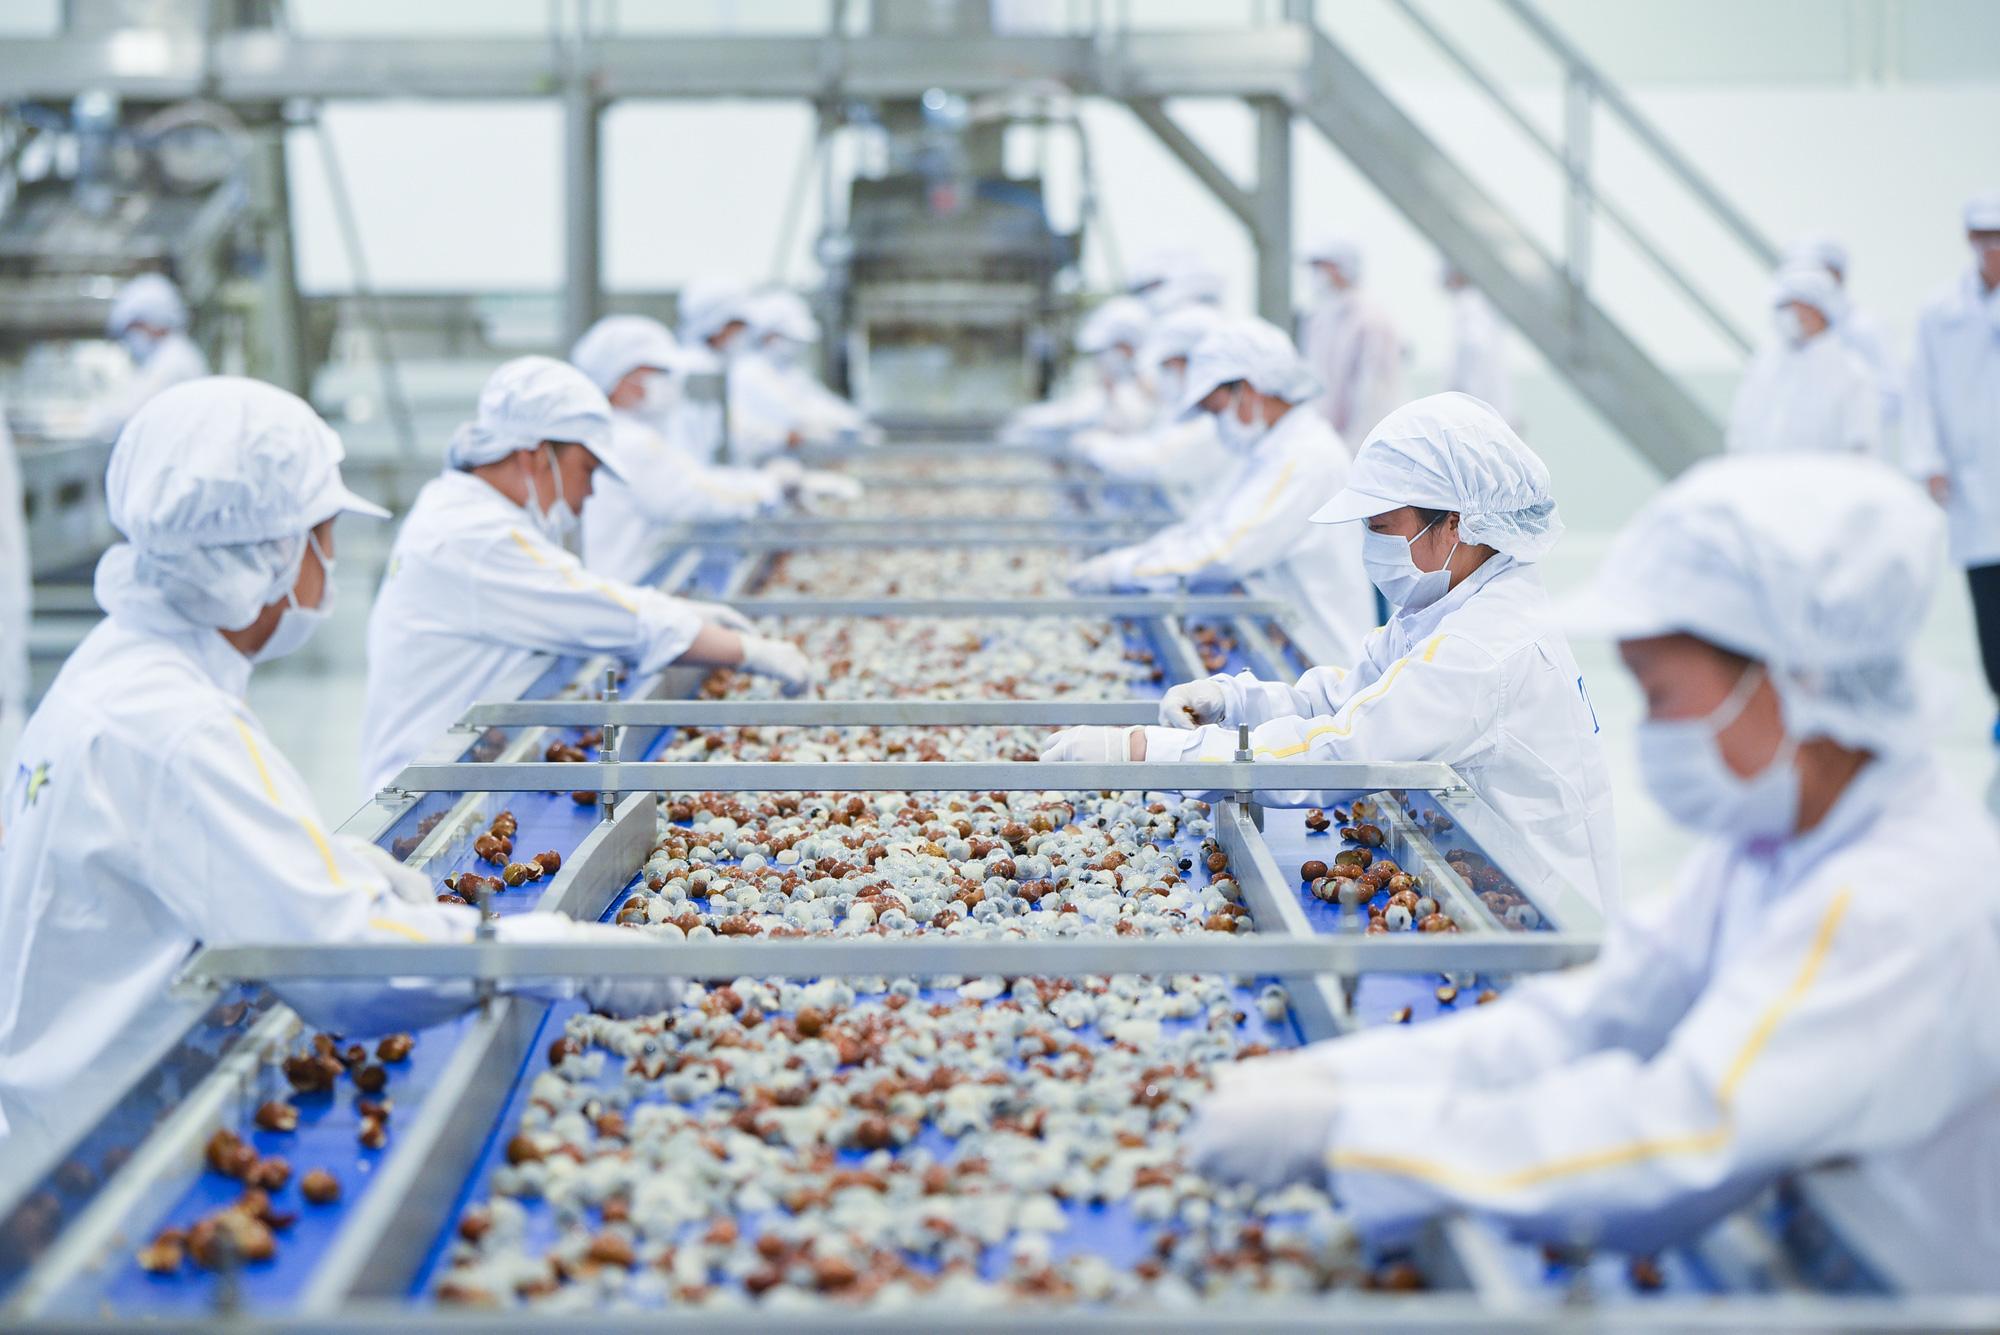 Bộ NNPTNT trình Thủ tướng giải pháp gì để đạt mục tiêu là 1 trong 10 nước chế biến nông sản hàng đầu?  - Ảnh 1.